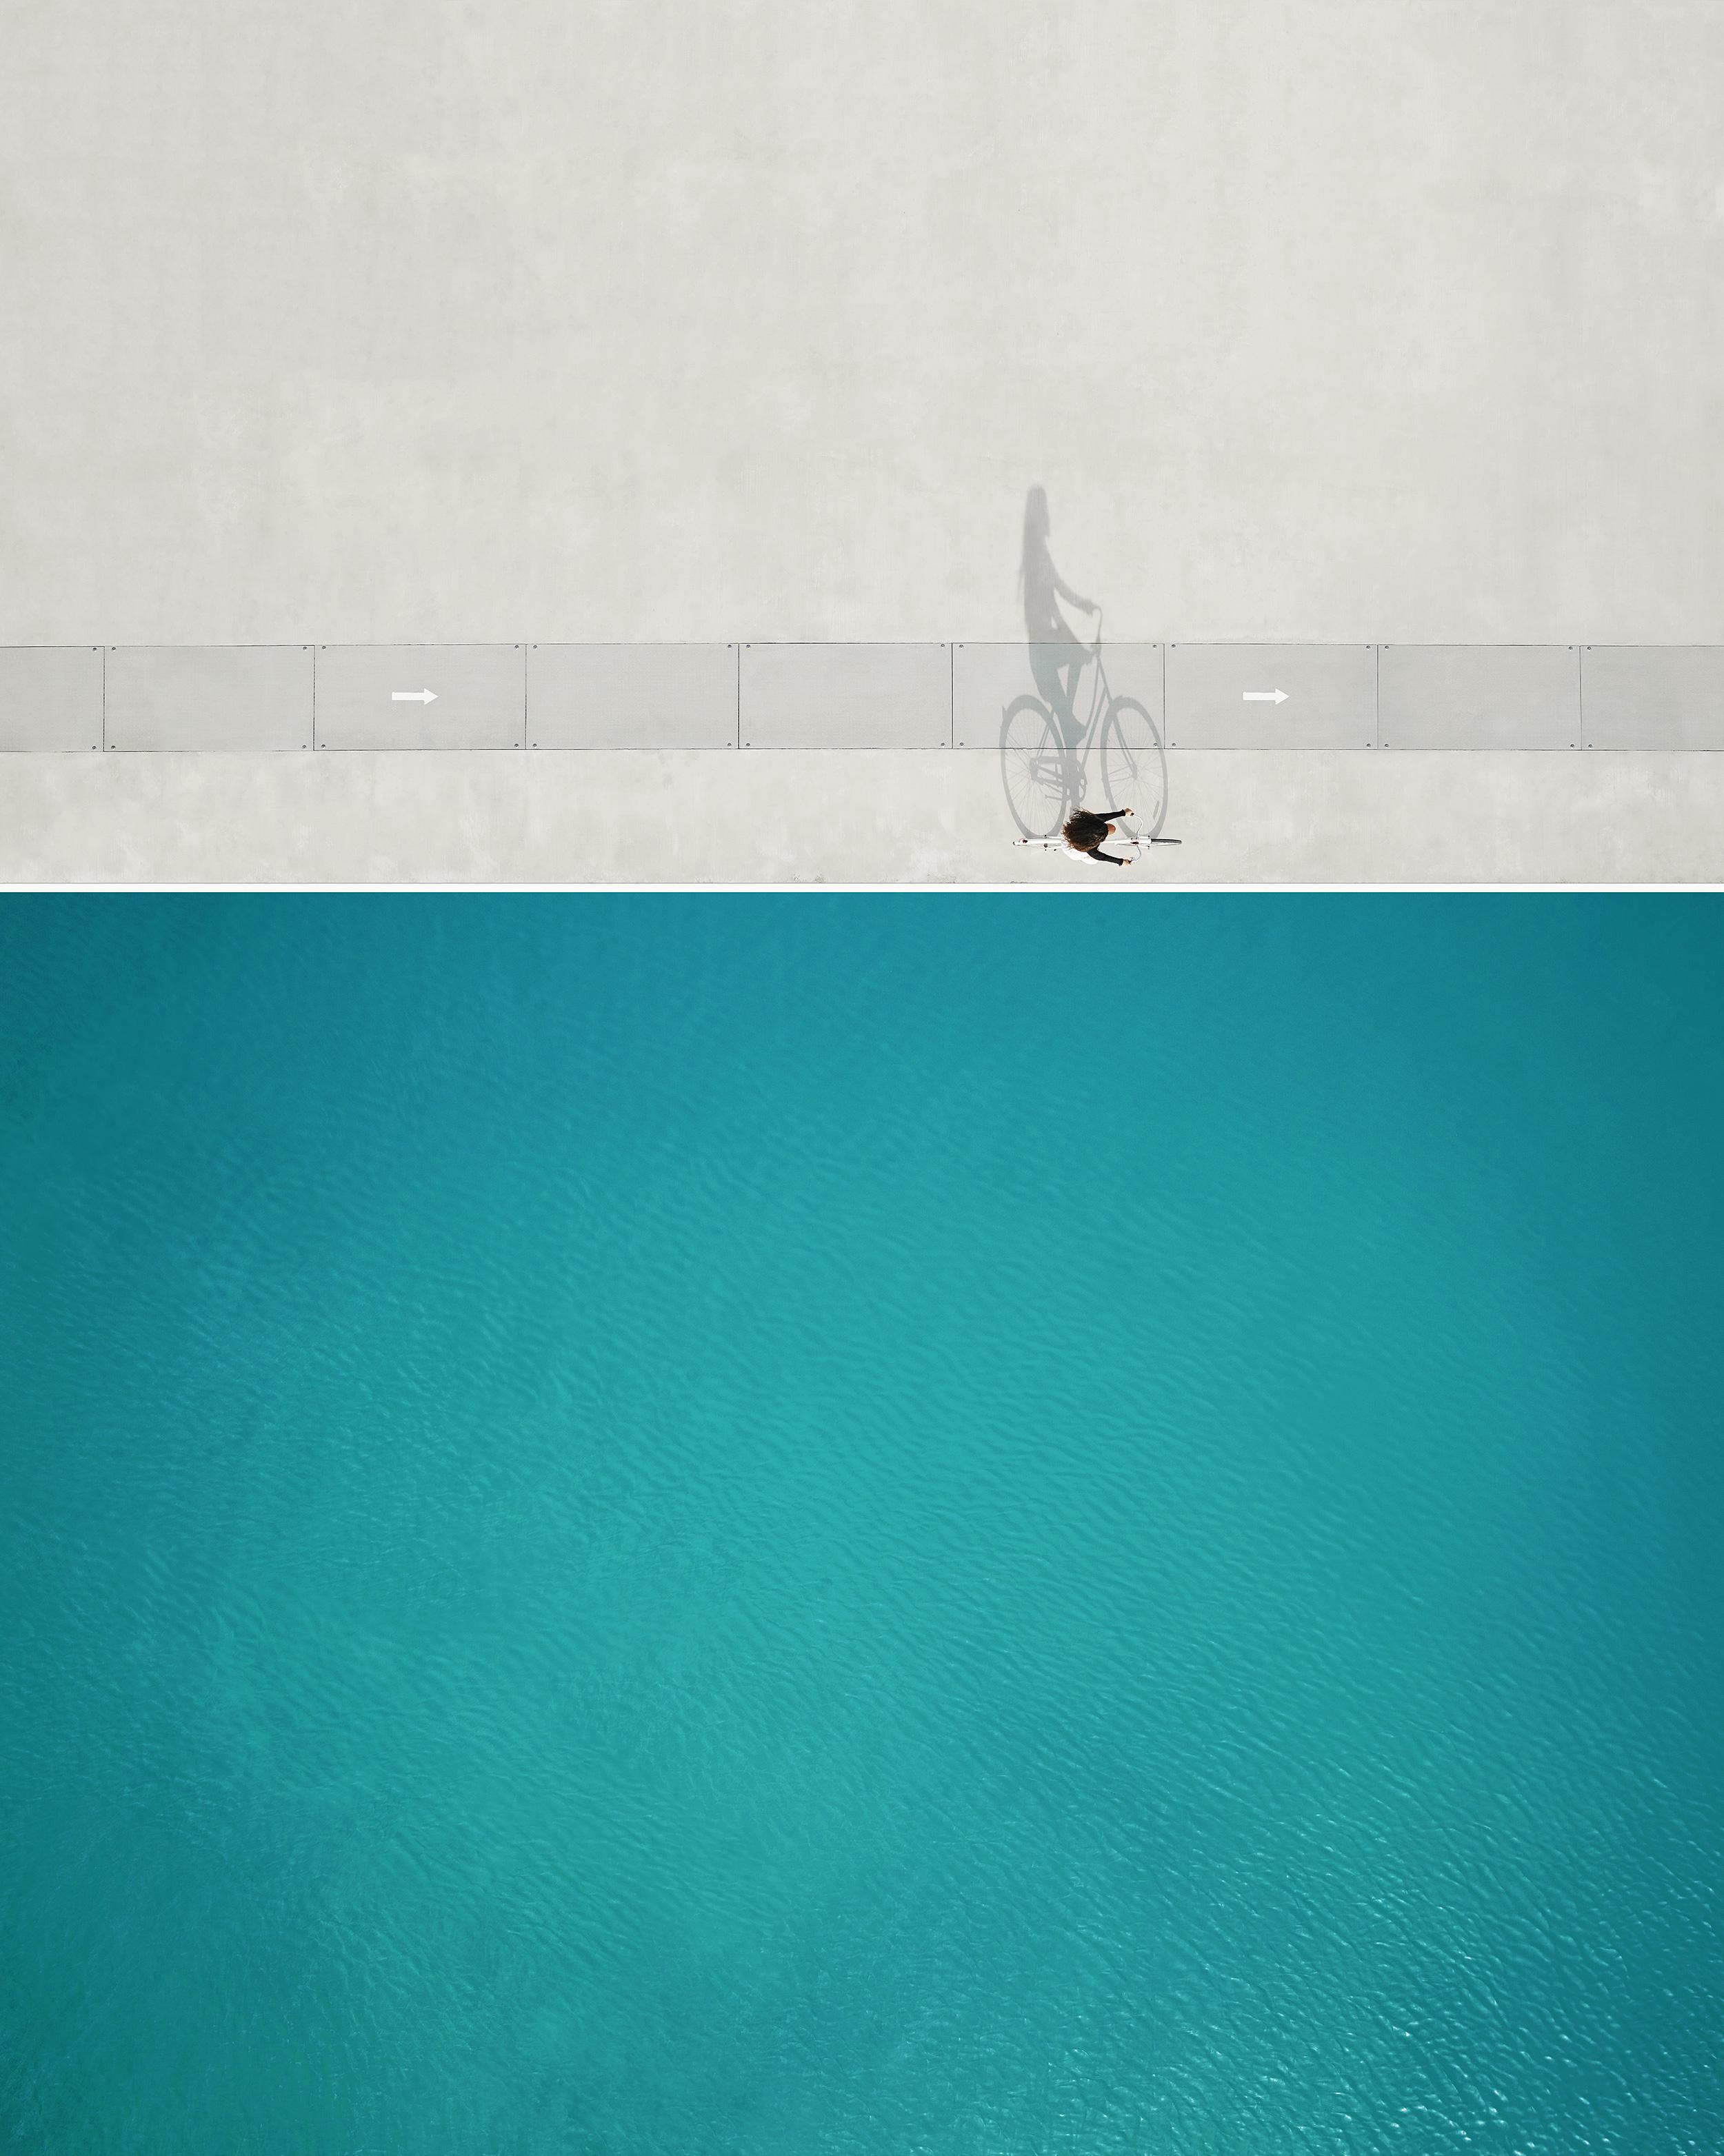 Aldar | The Water's Edge   Agency - M&C Saatchi  Photographer -  Dana Neibert